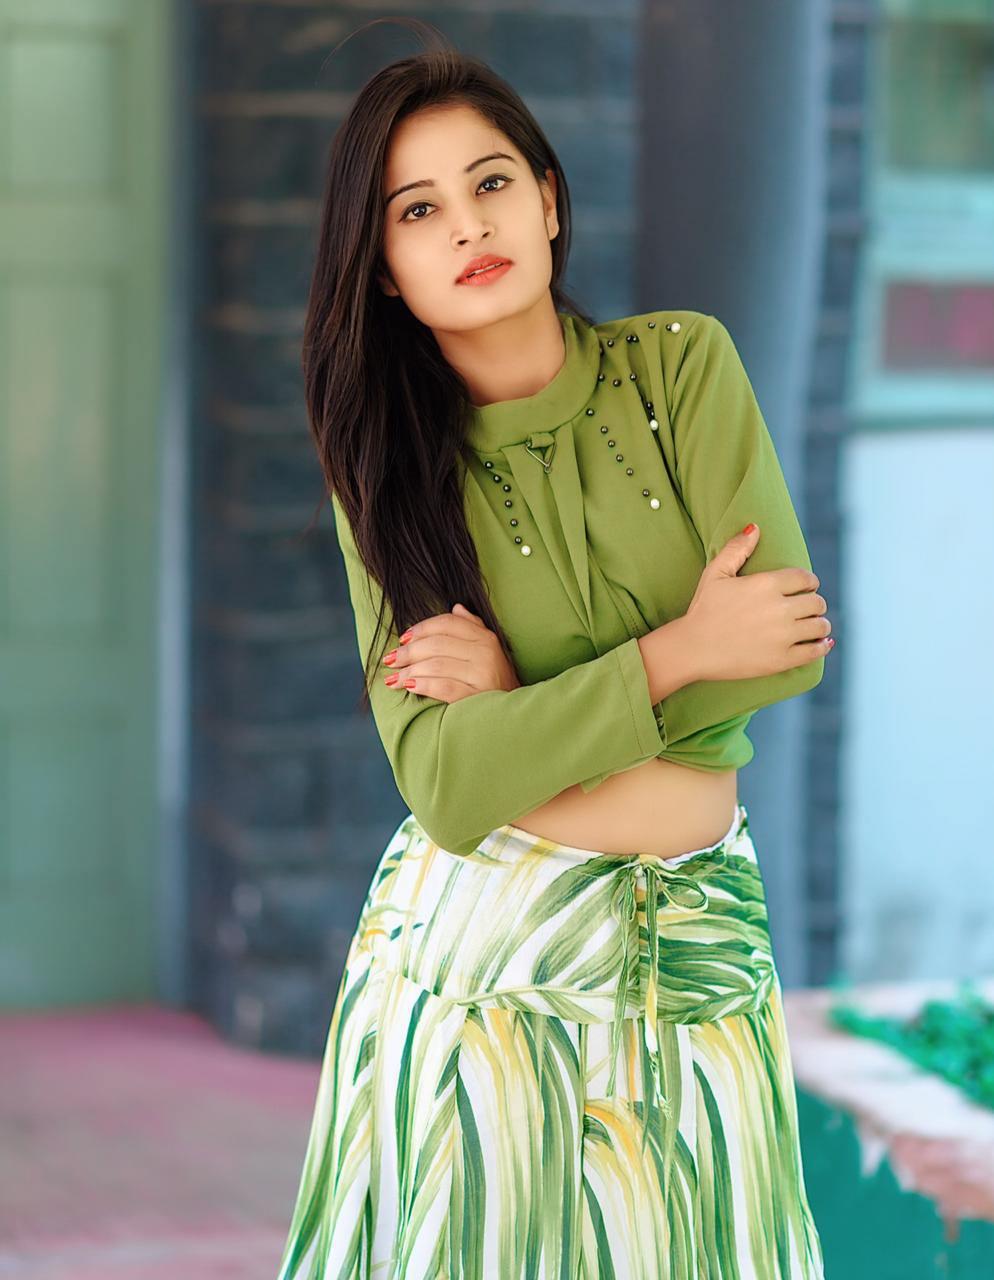 Anusha rai photo shoot april 2019 (23)